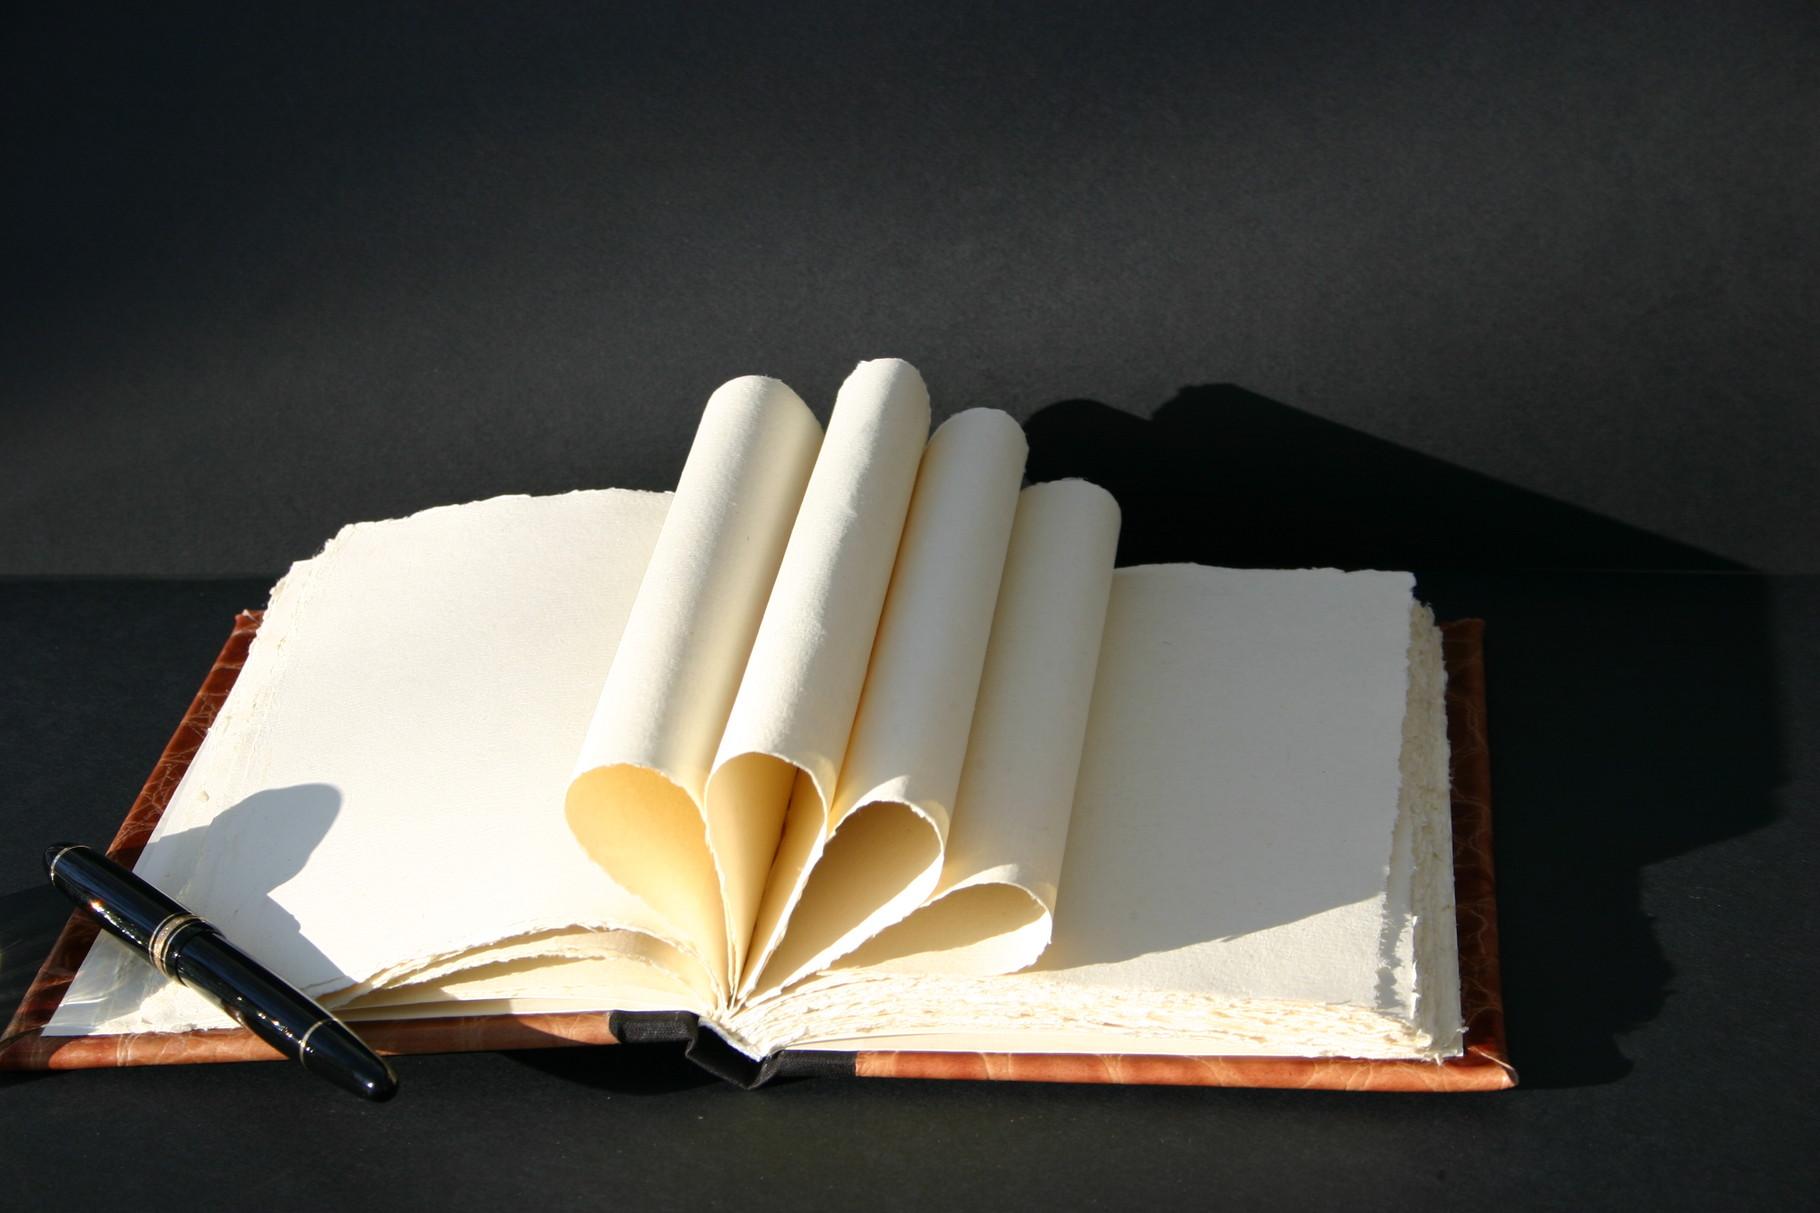 Kein Buch! Nicht lesen - machen! Mach dieses Buch fertig!